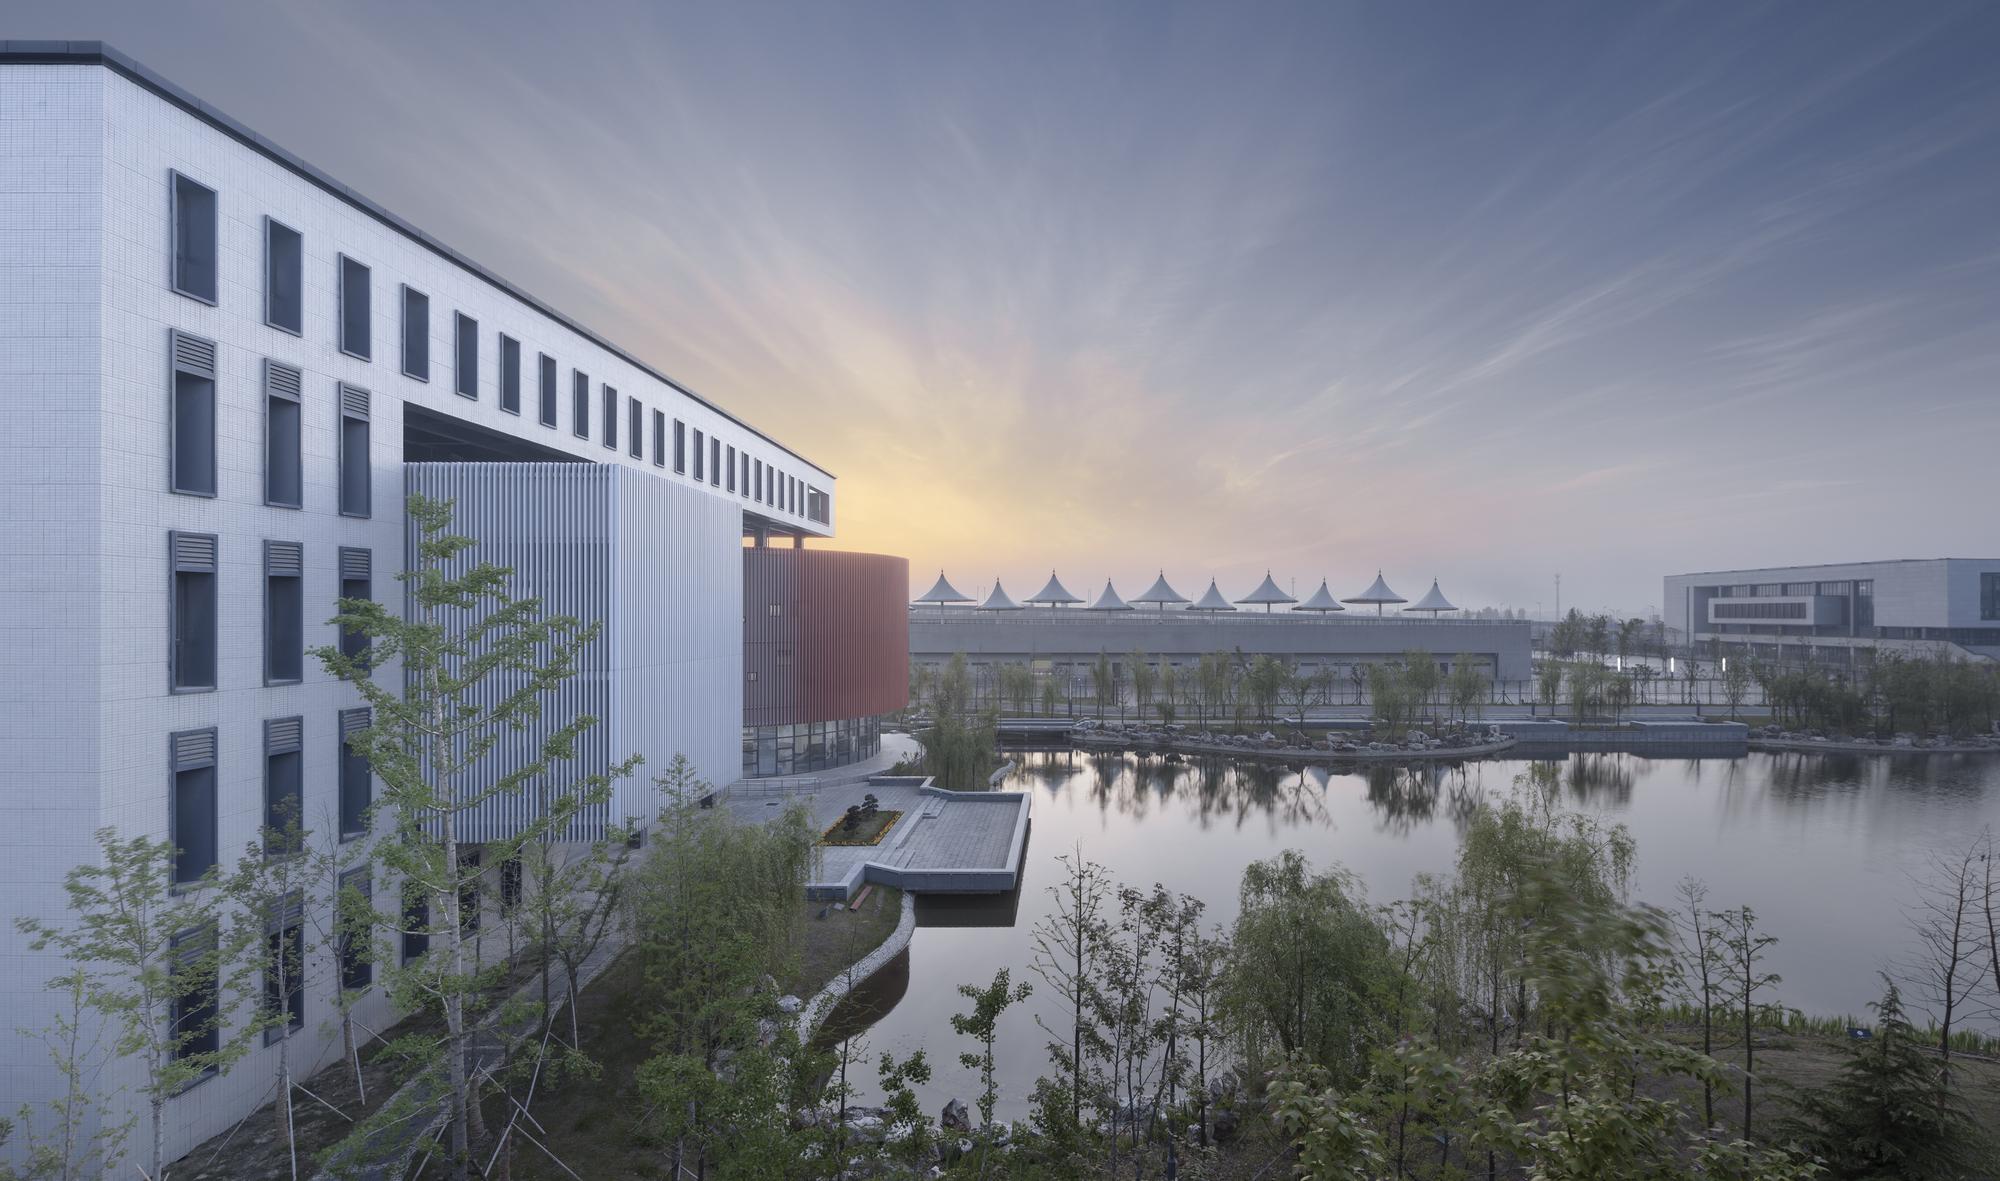 Captivating New Campus Of Taizhou High School / Architectural Design U0026 Research  Institute Of SCUT, ©